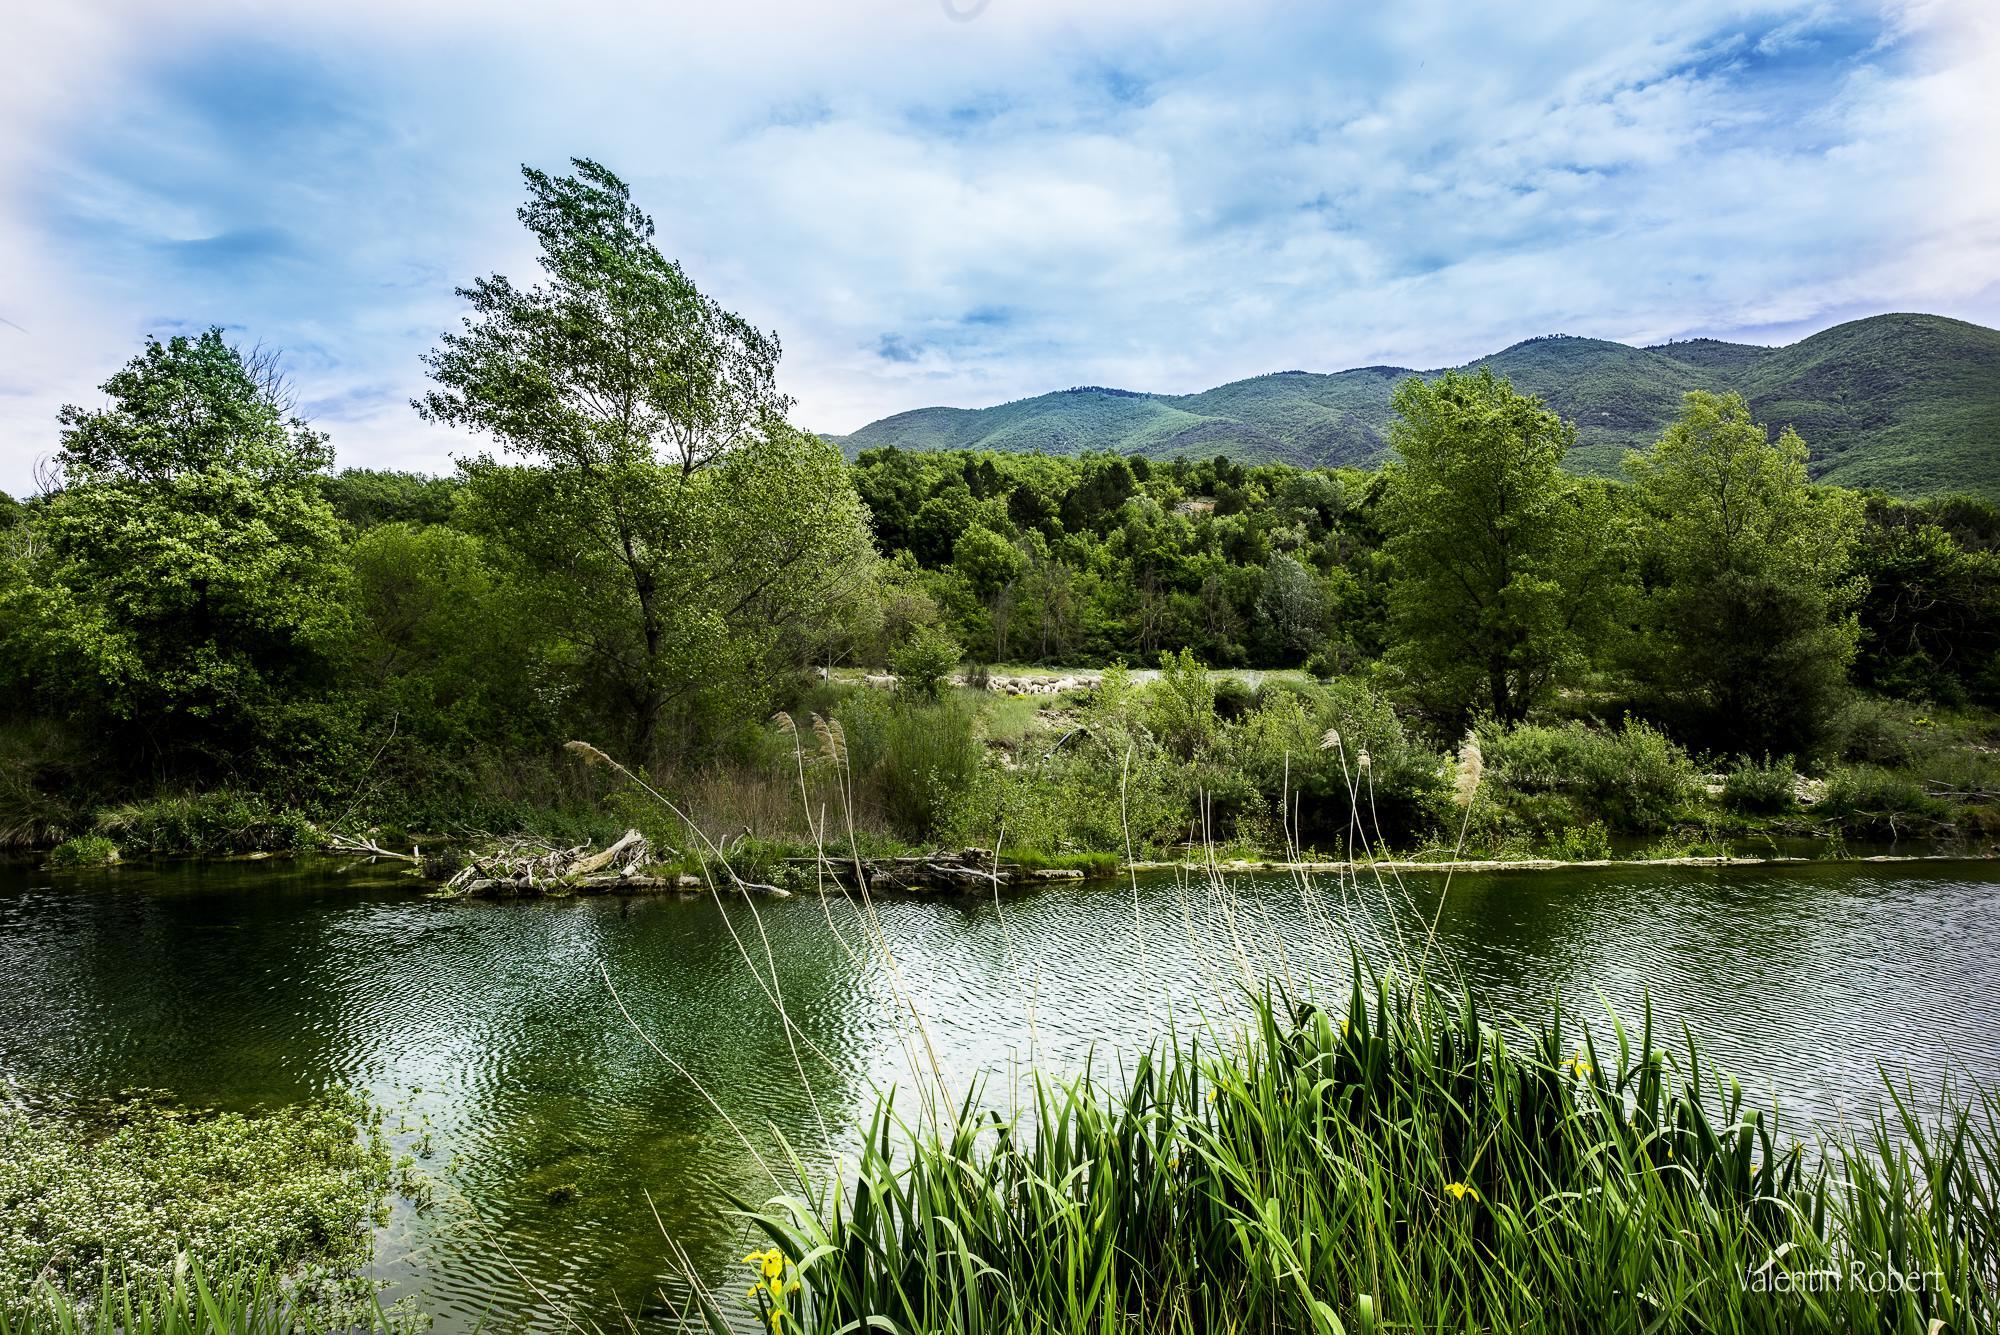 le parc la riviere le griffon